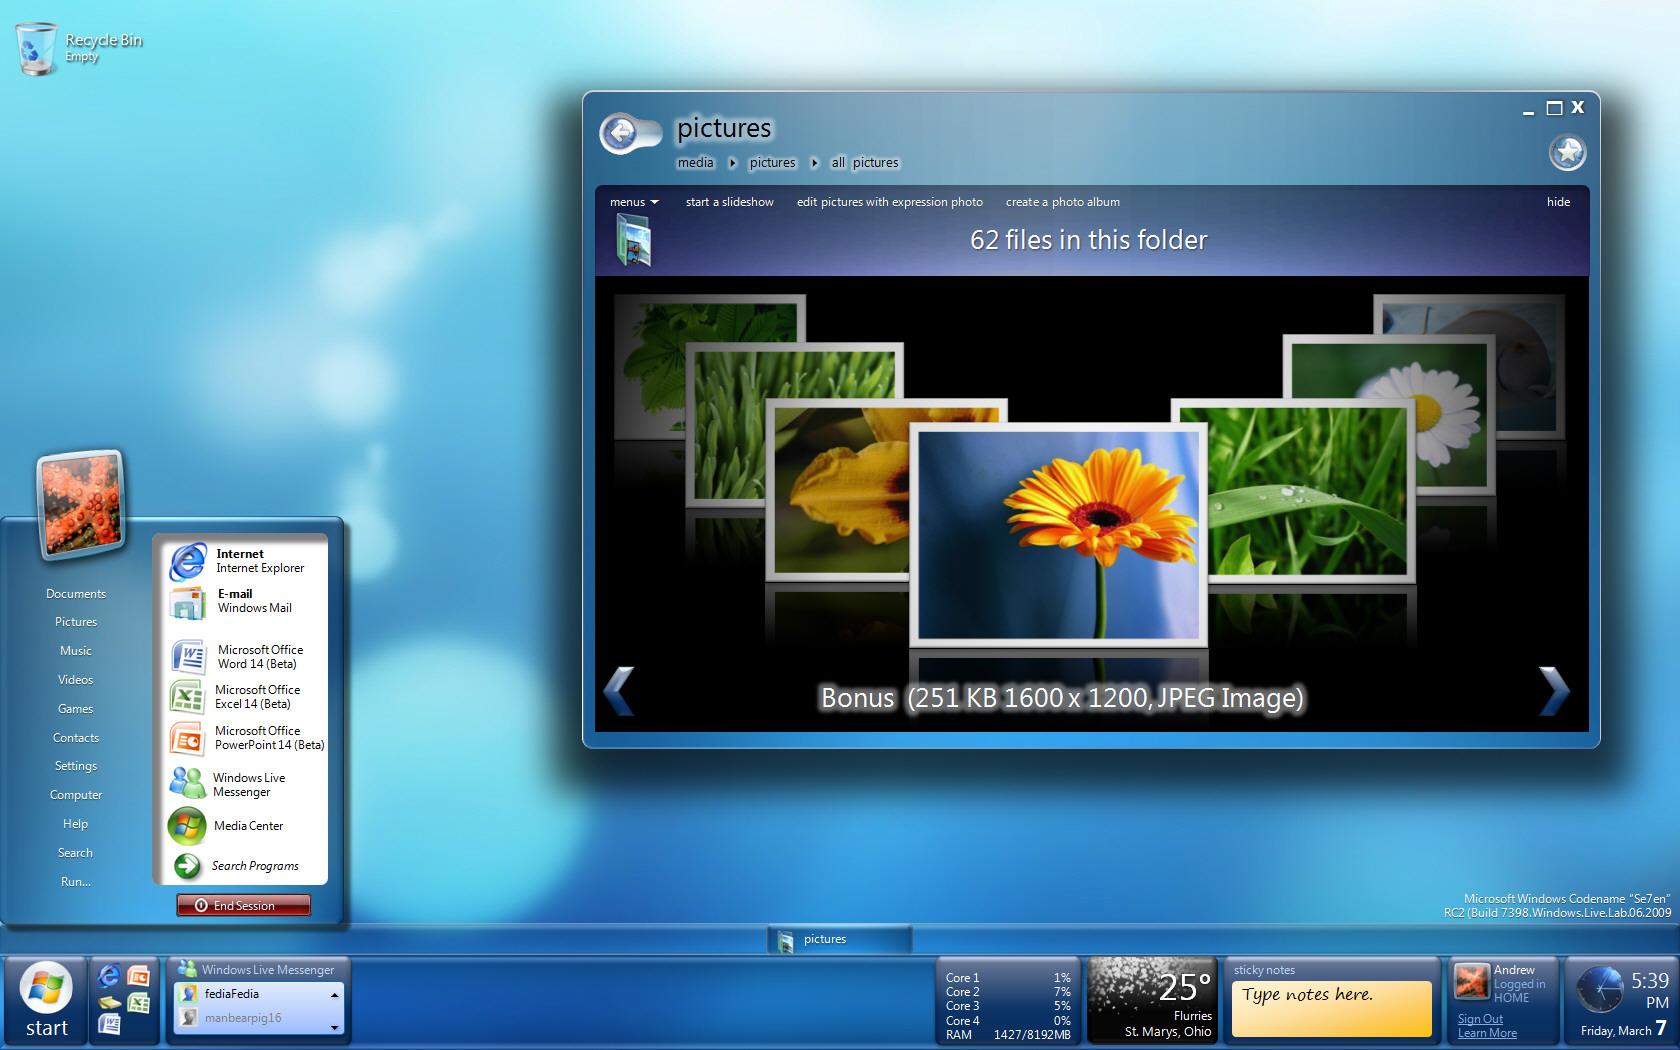 Windows 7 RC2